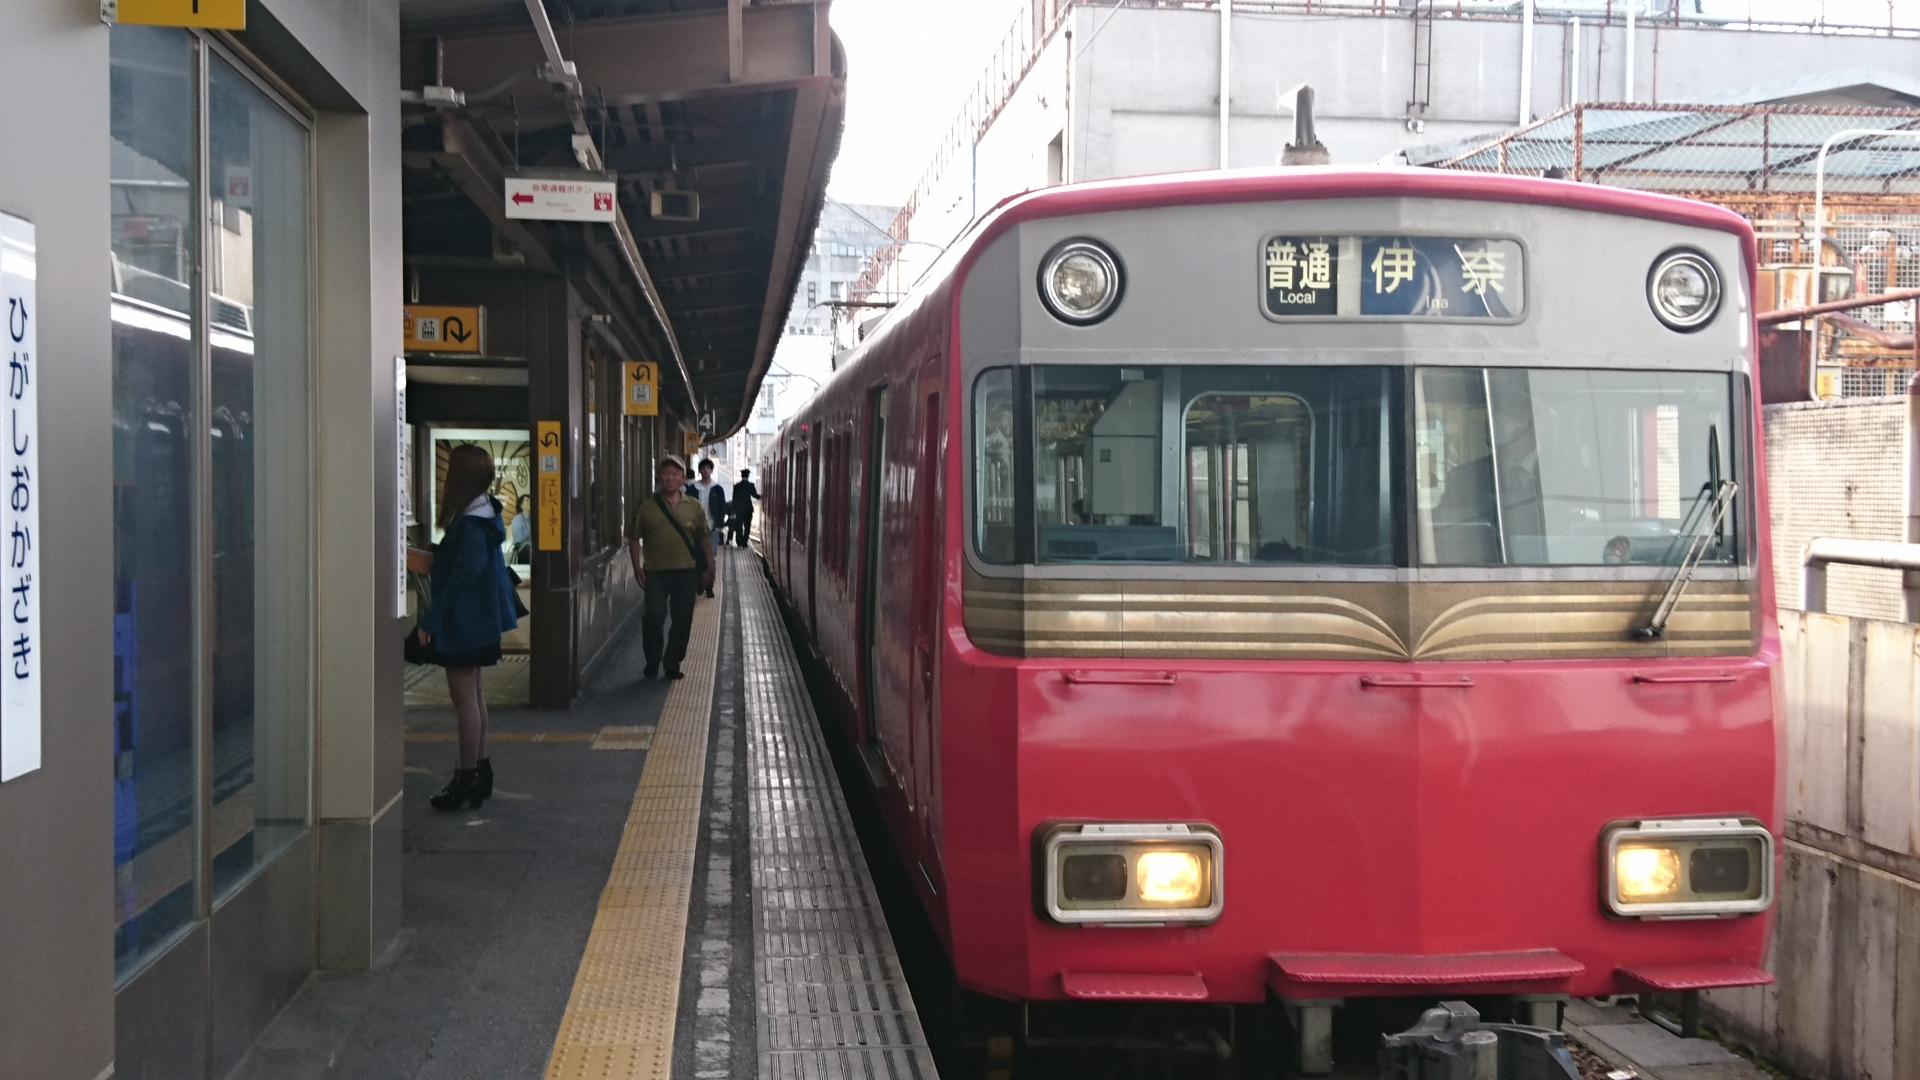 2017.4.22 名鉄 (19) 東岡崎 - 伊奈いきふつう 1920-1080